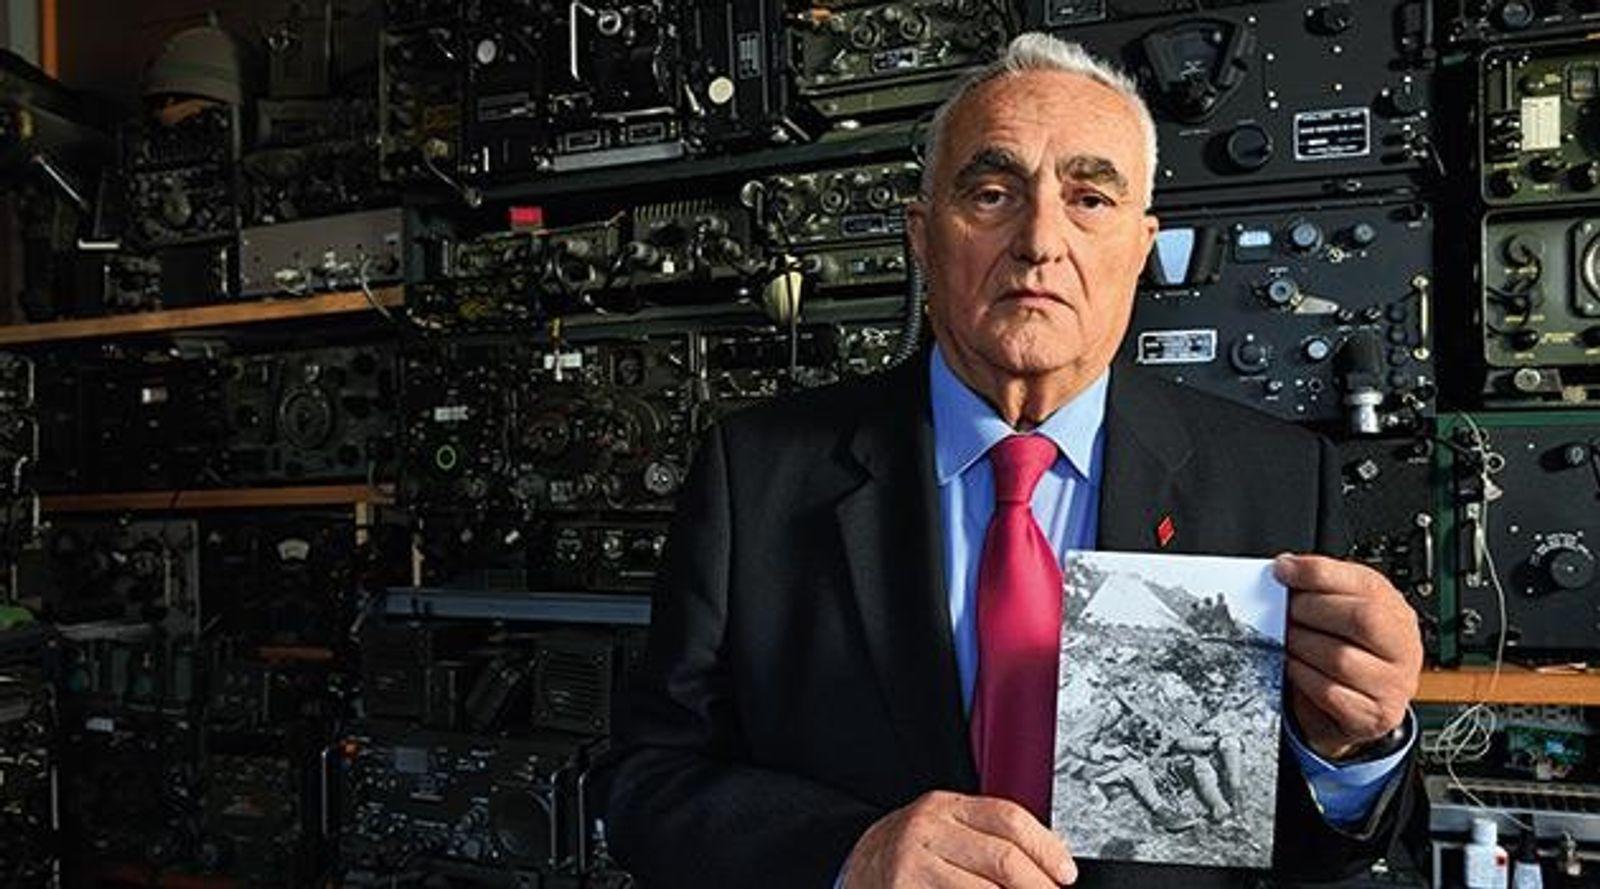 Im Keller seines Hauses in Perugia zeigt der Amateurfunker Franco Roscini ein Foto seines Vaters Alberto ...